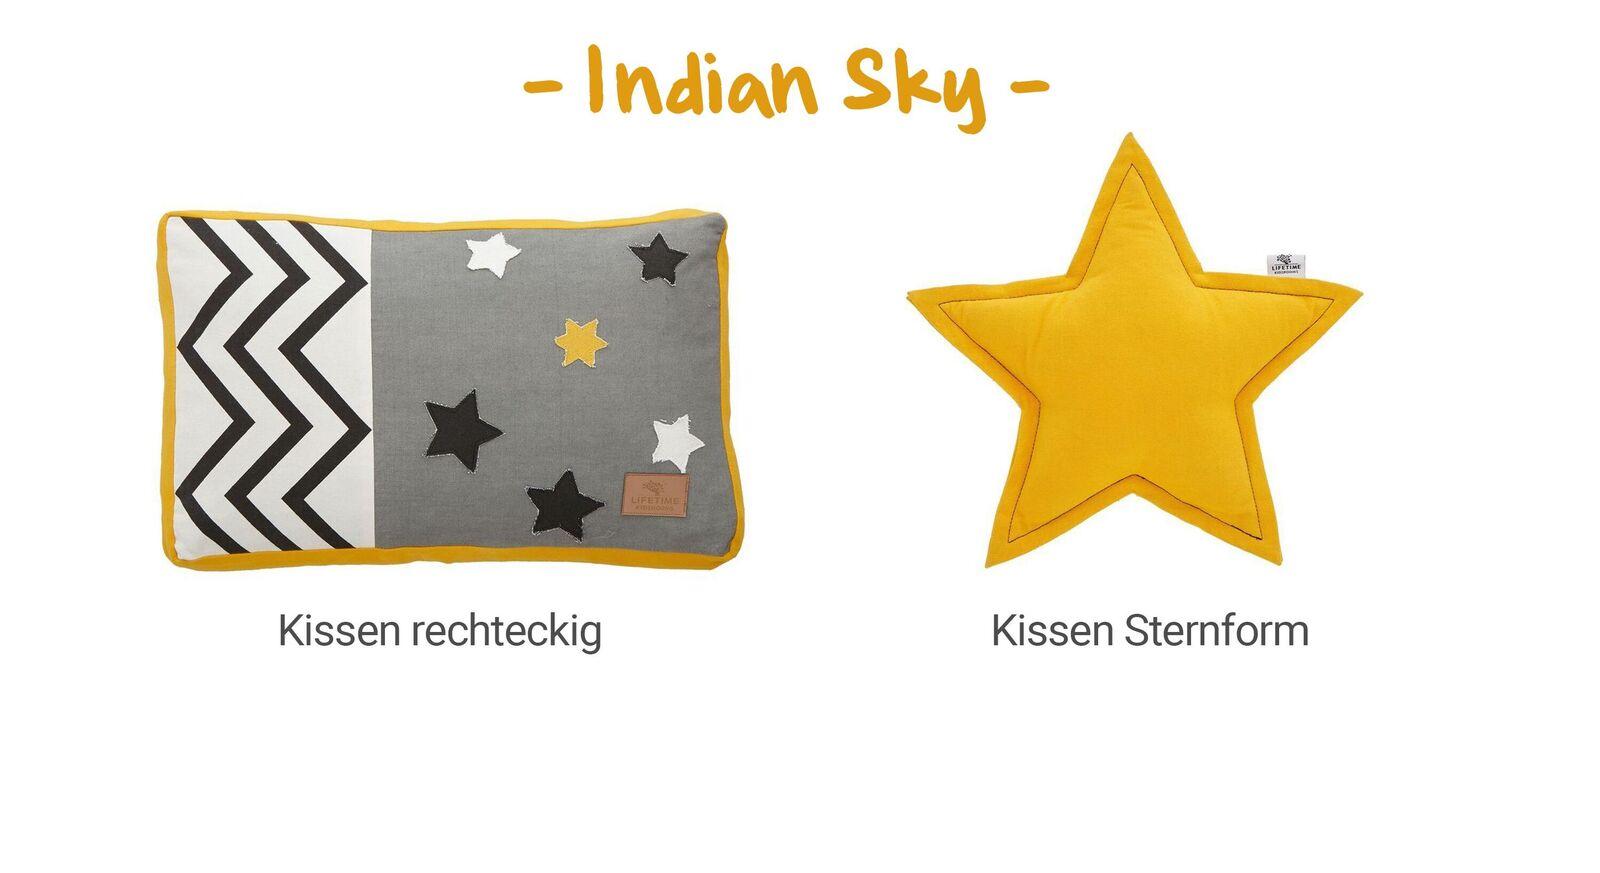 Übersicht LIFETIME Dekokissen Indian Sky